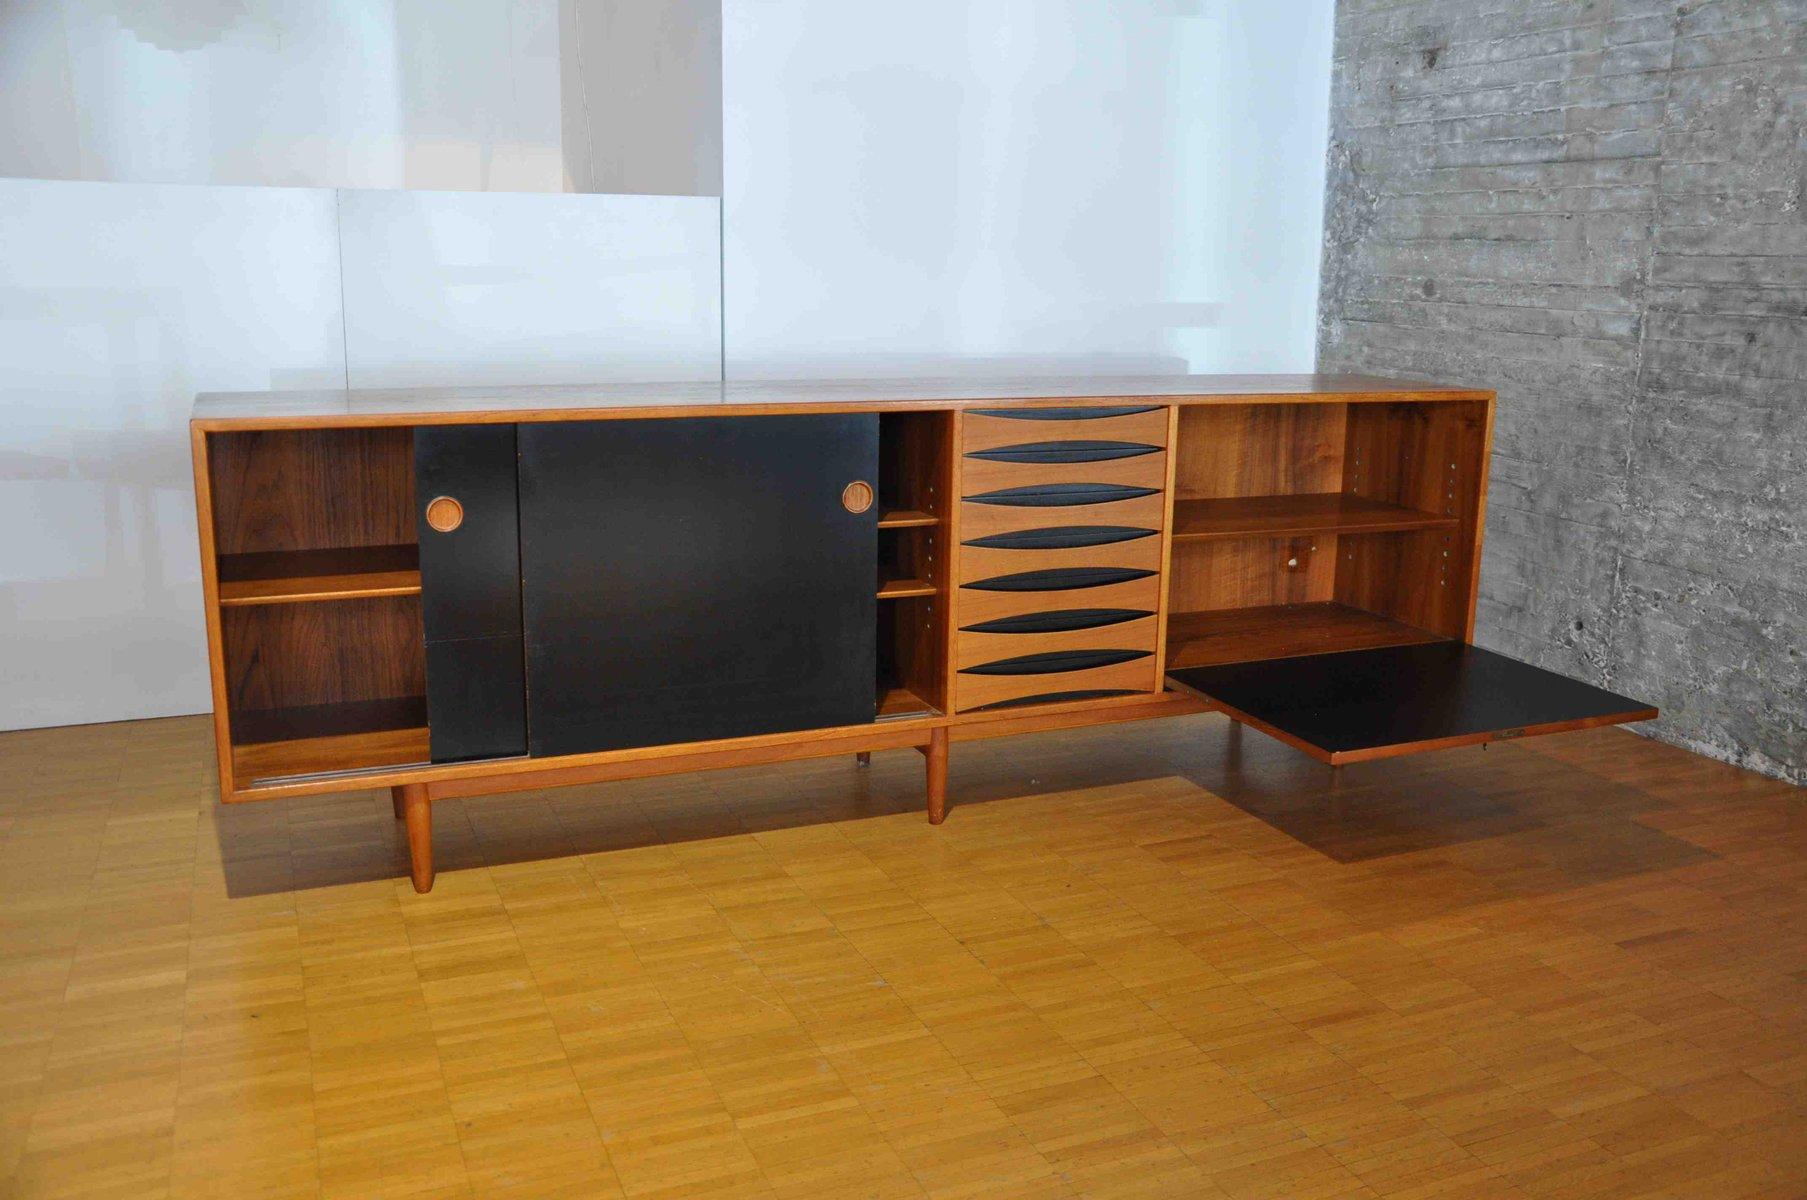 Skandinavisches teak sideboard von arne vodder f r sibast for Skandinavisches sideboard